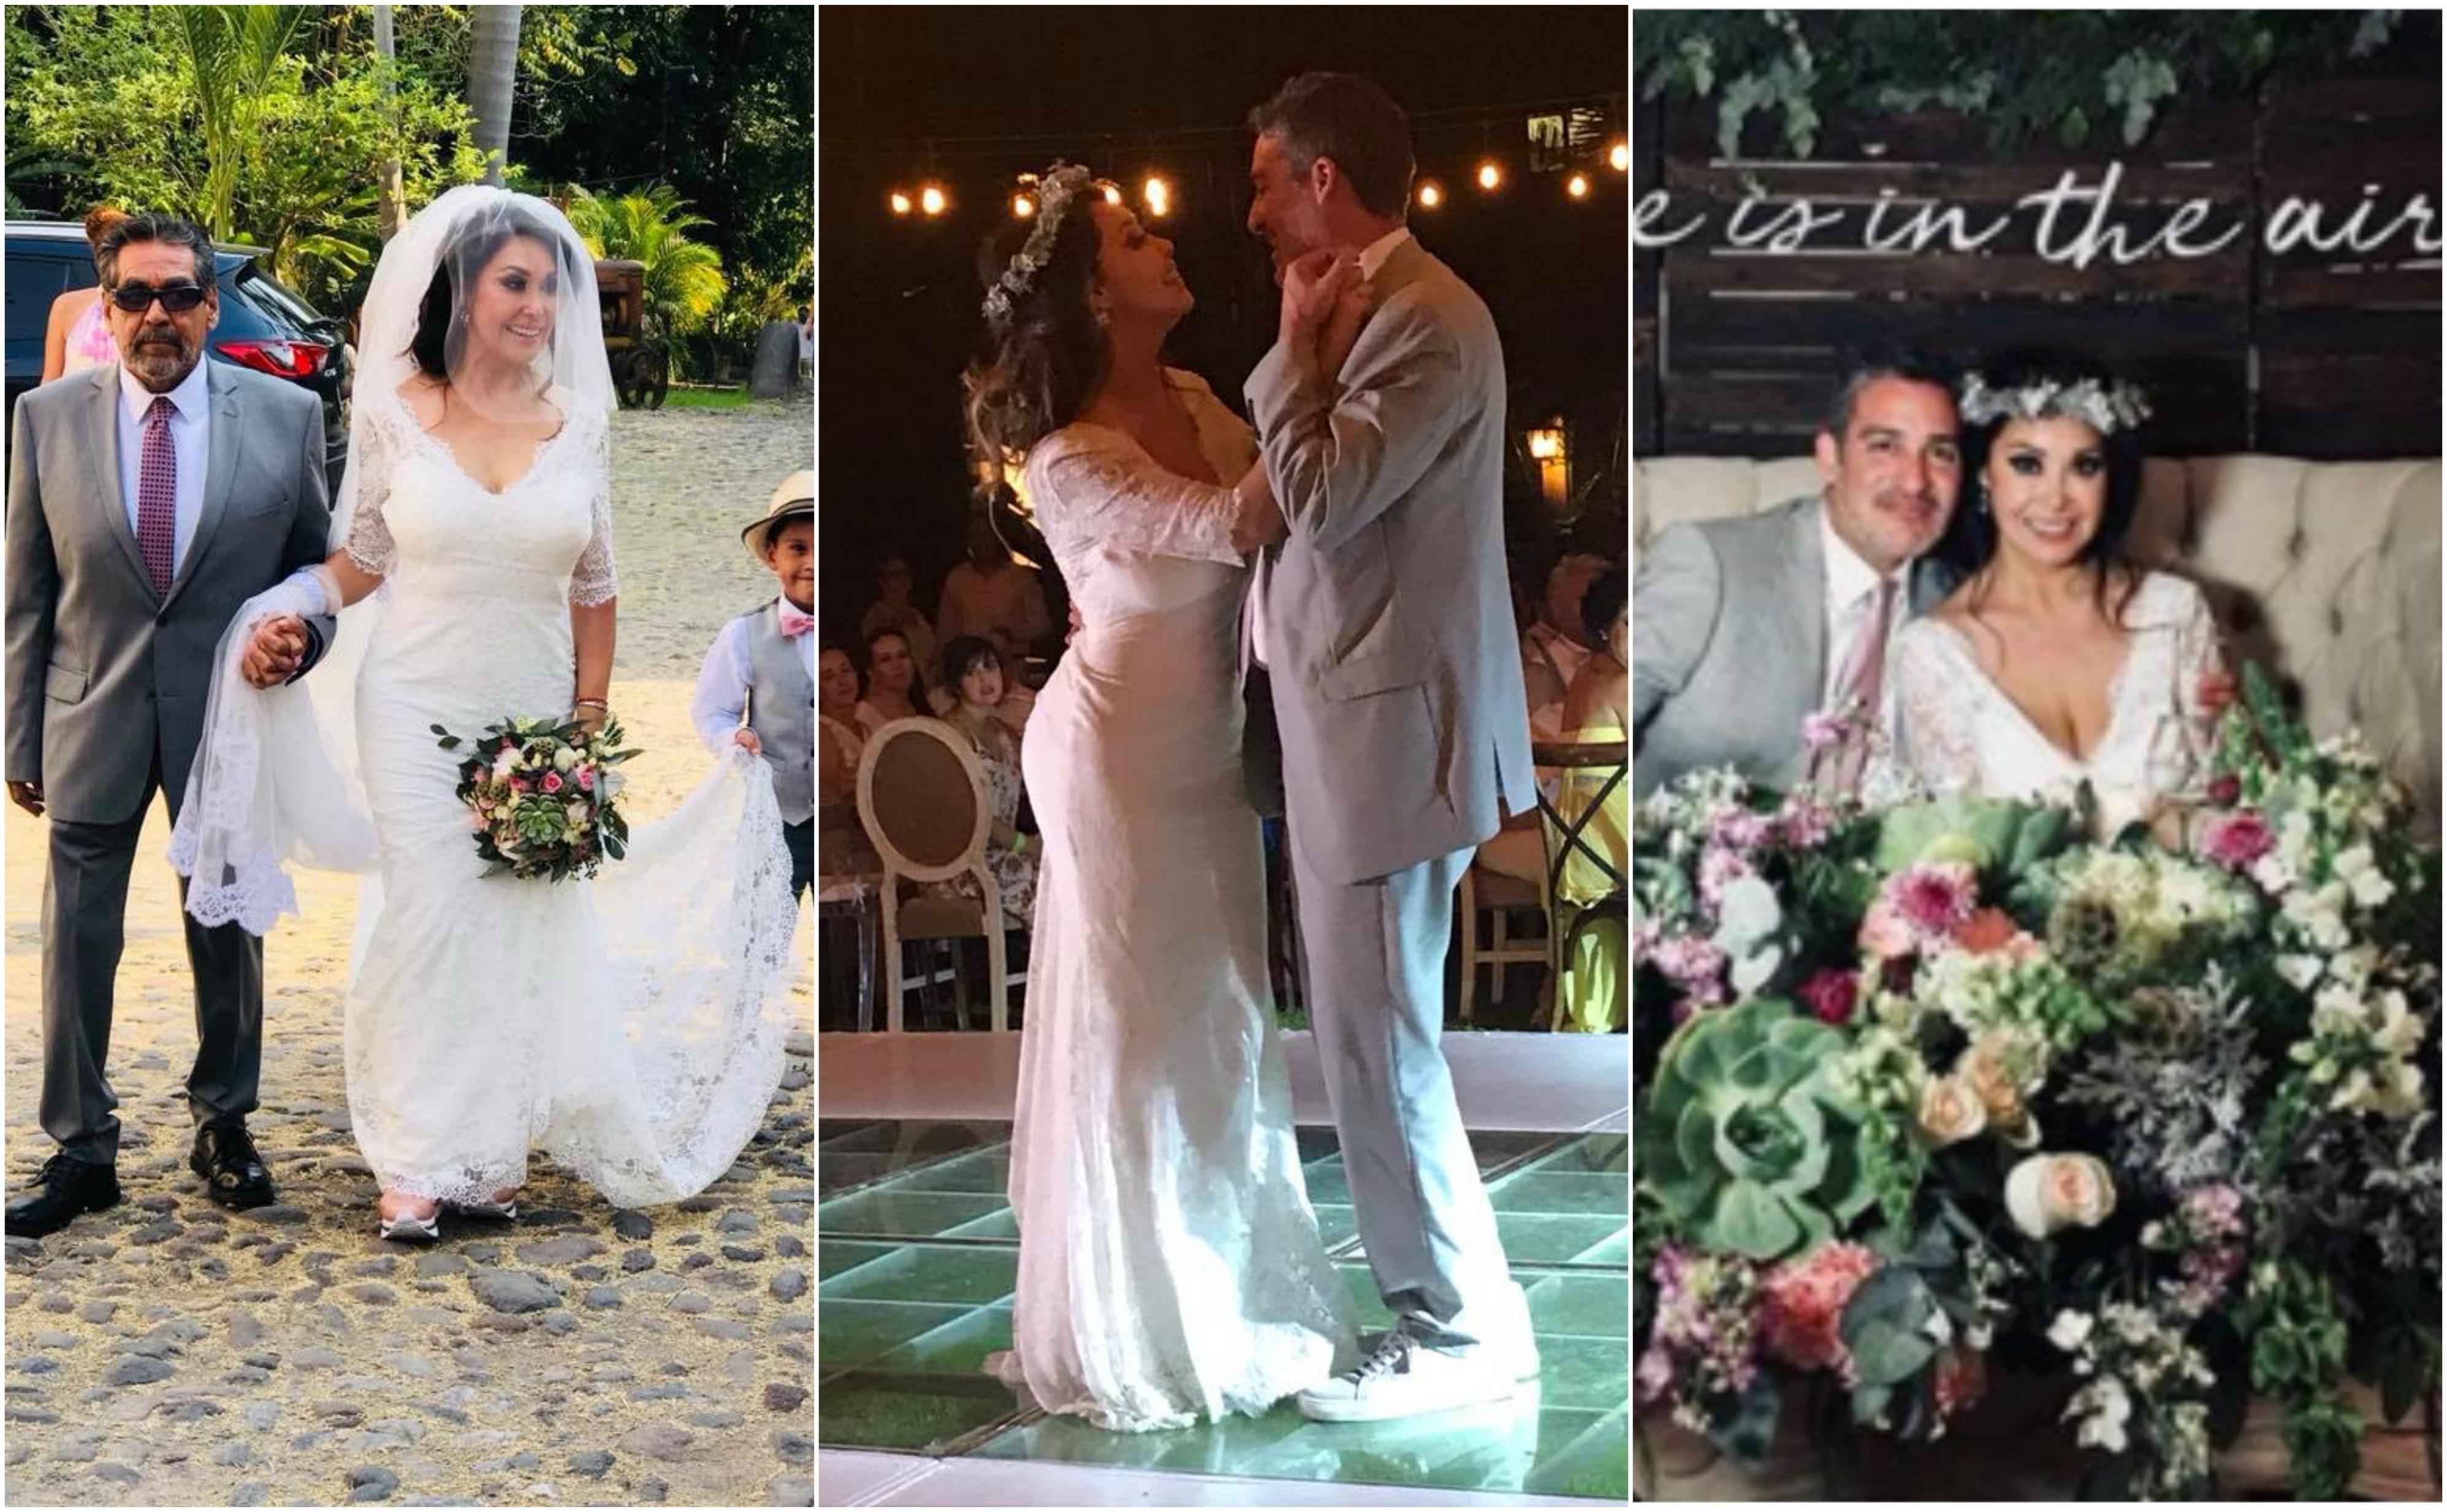 En fotos: la romántica y divertida boda de la reportera Addis Tuñón